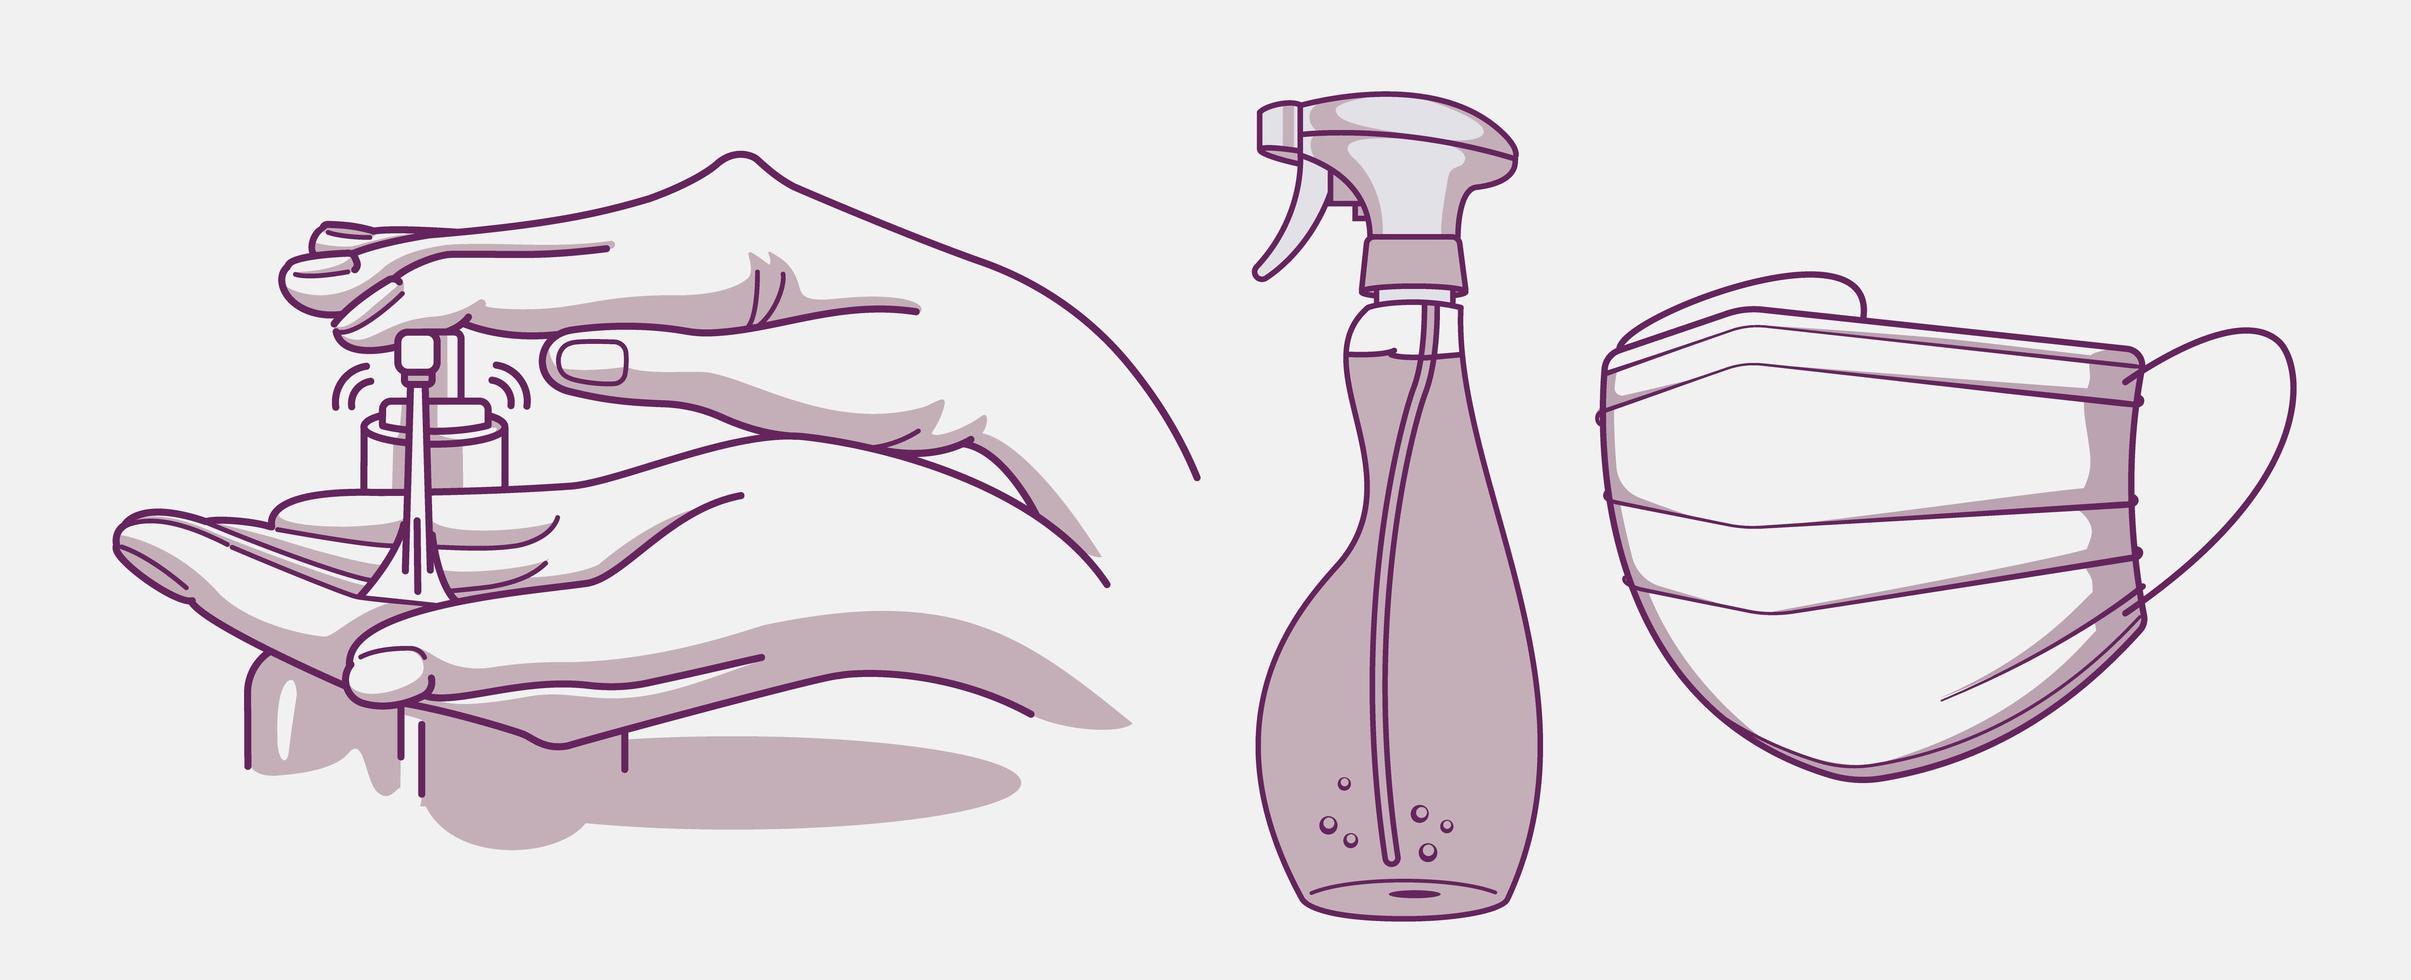 Reihe von Hygiene- und Infektionspräventionsdesigns vektor